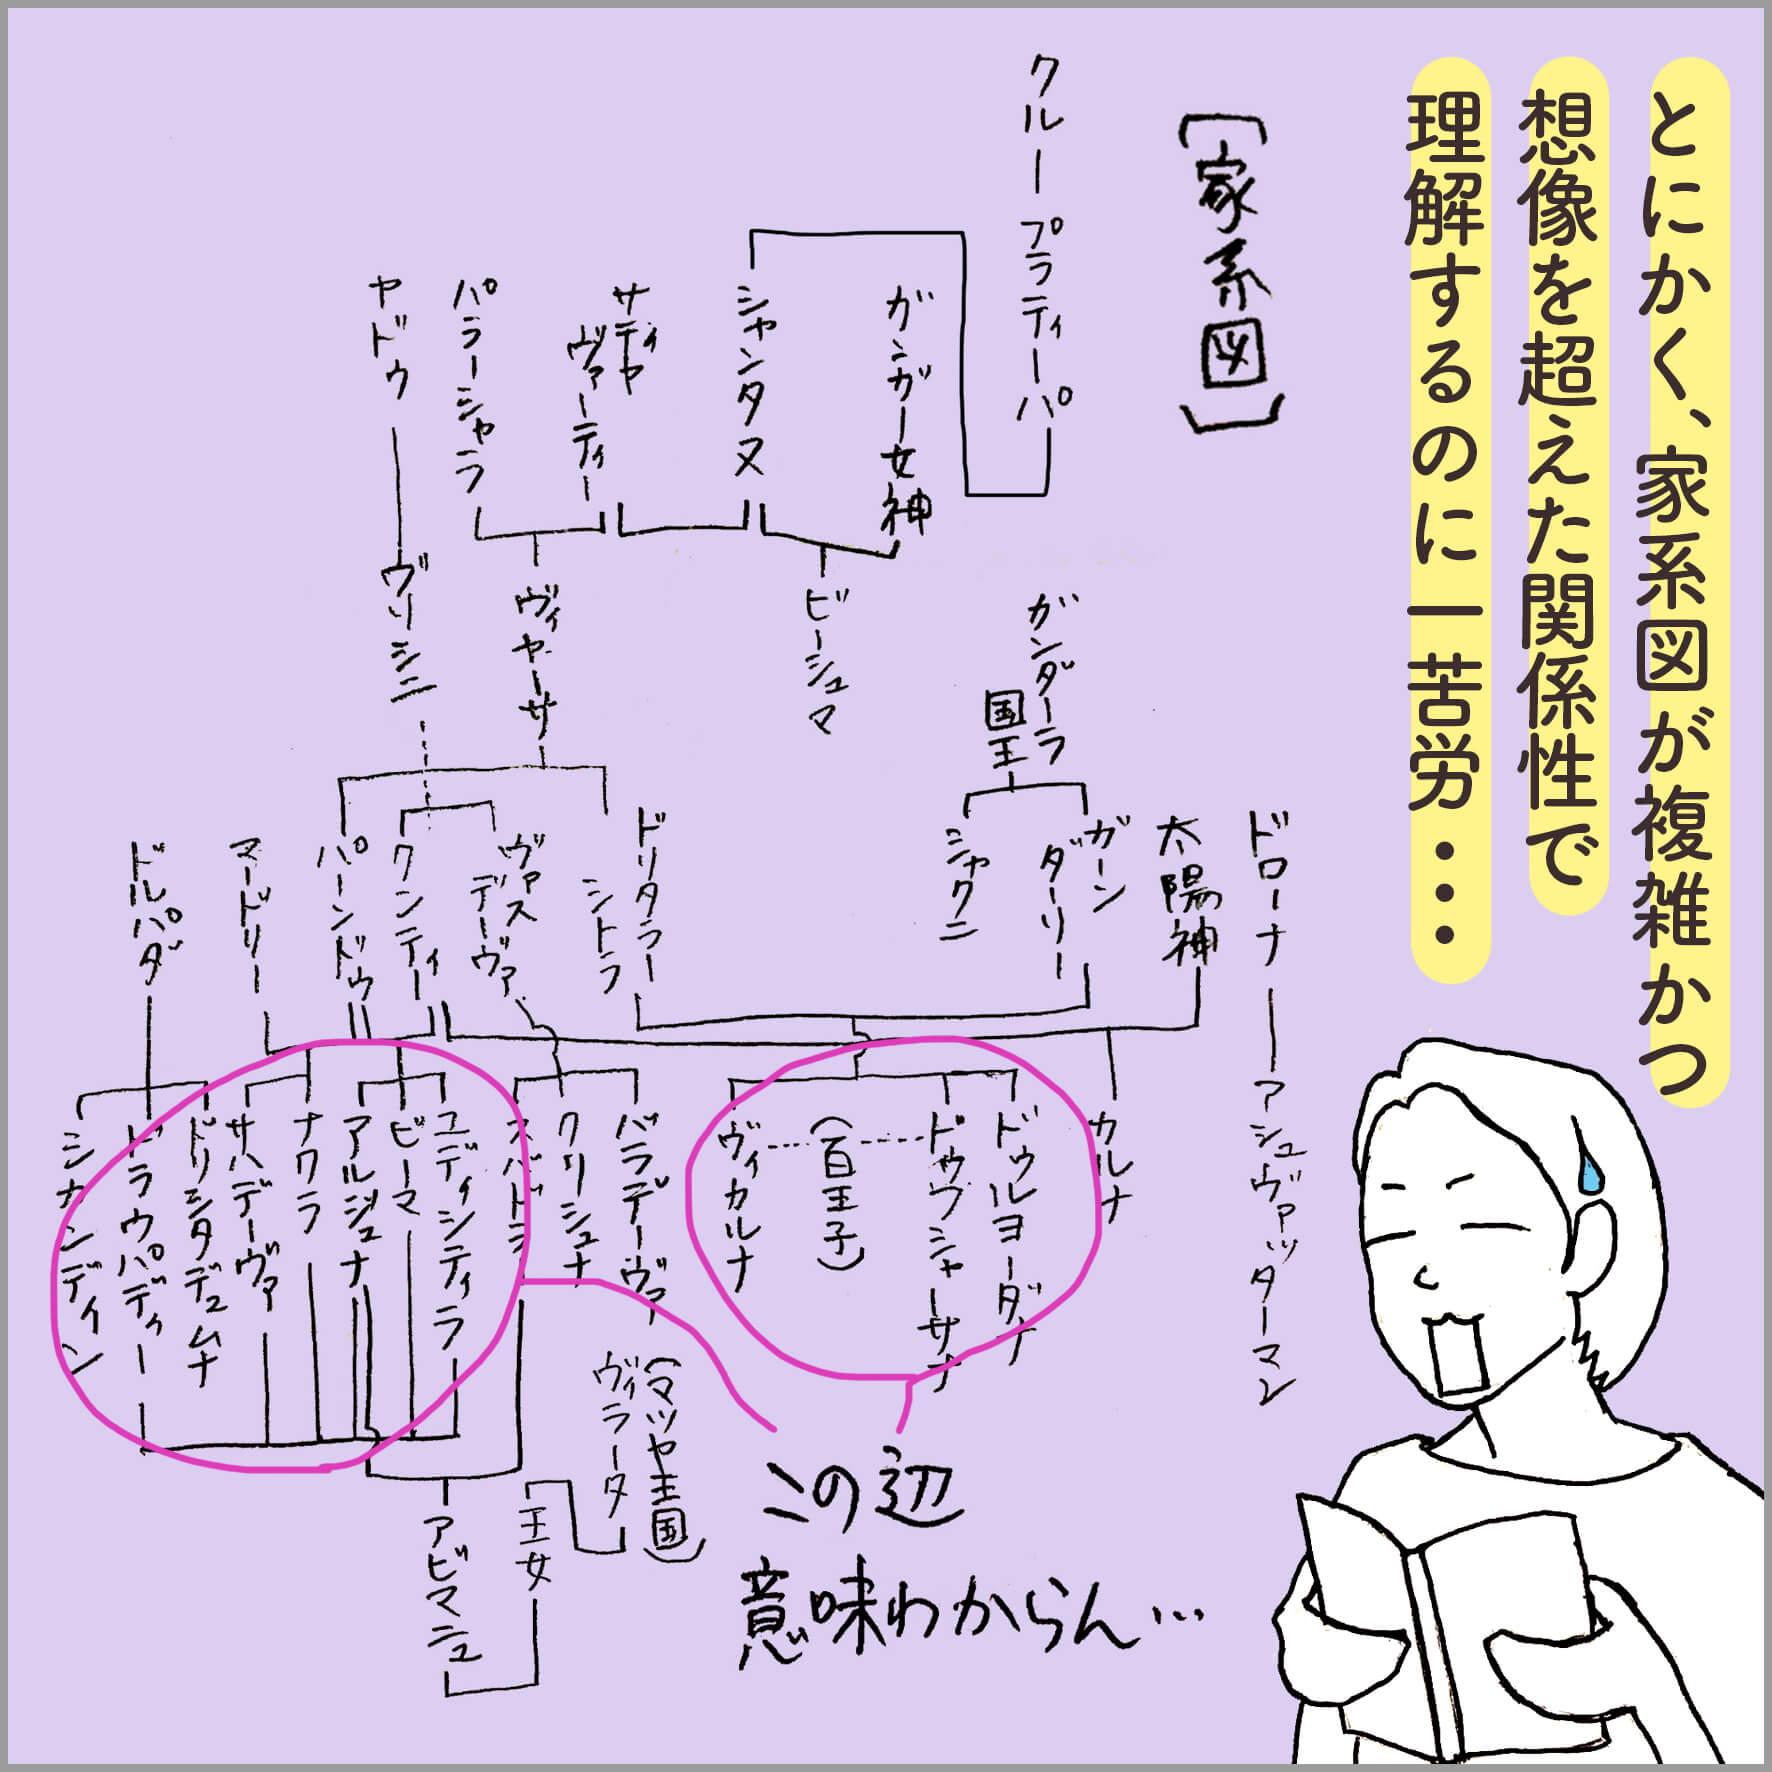 バガヴァッド・ギーターの家系図